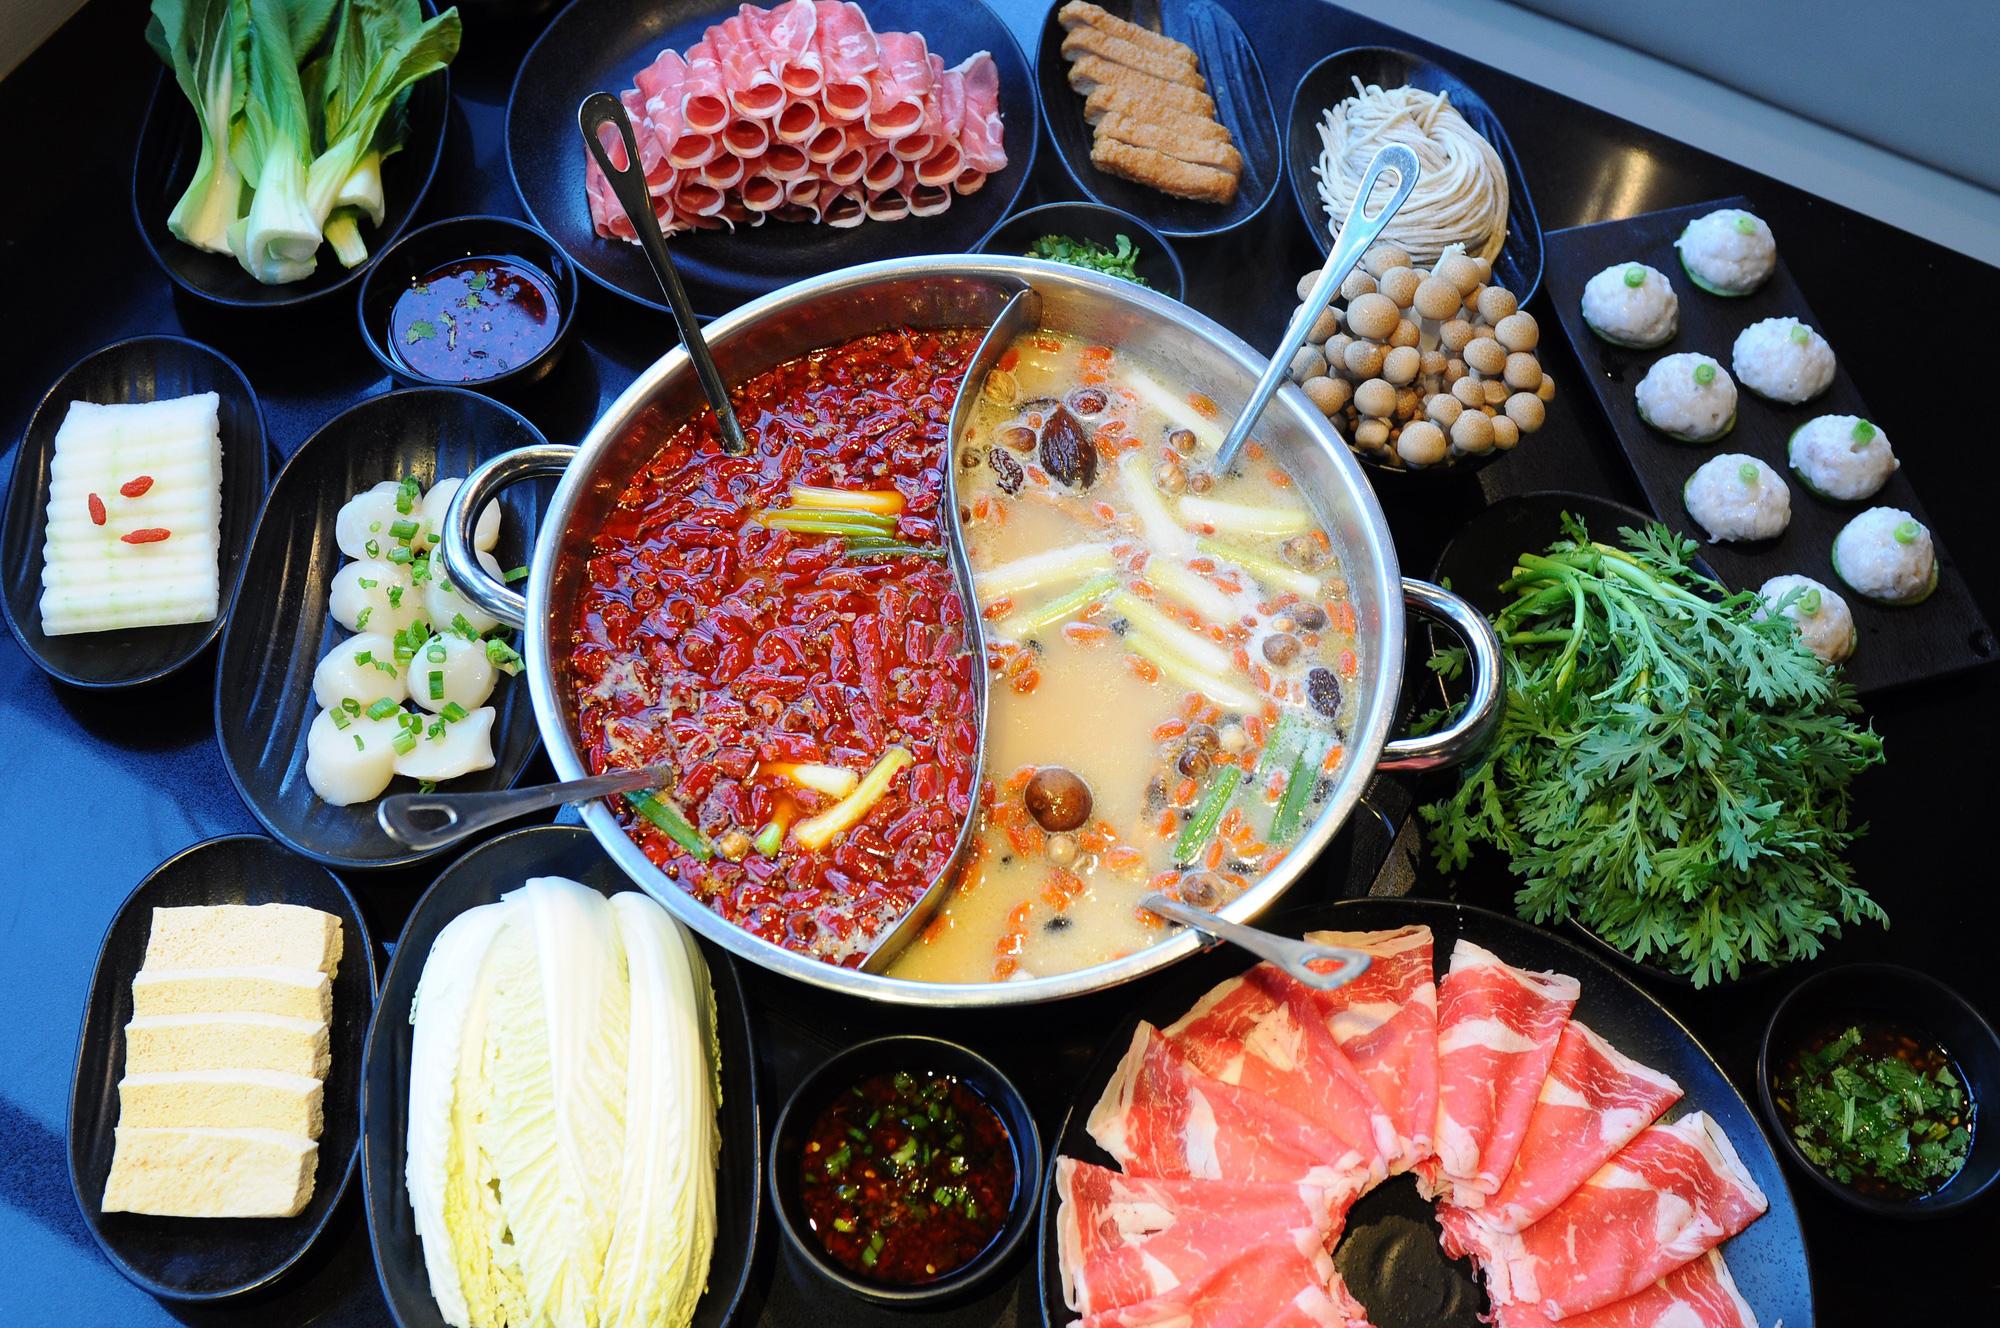 Ăn lẩu mùa Đông tuyệt ngon nhưng không phải ai ăn cũng tốt cho sức khỏe, nhất là những nhóm người này - Ảnh 2.